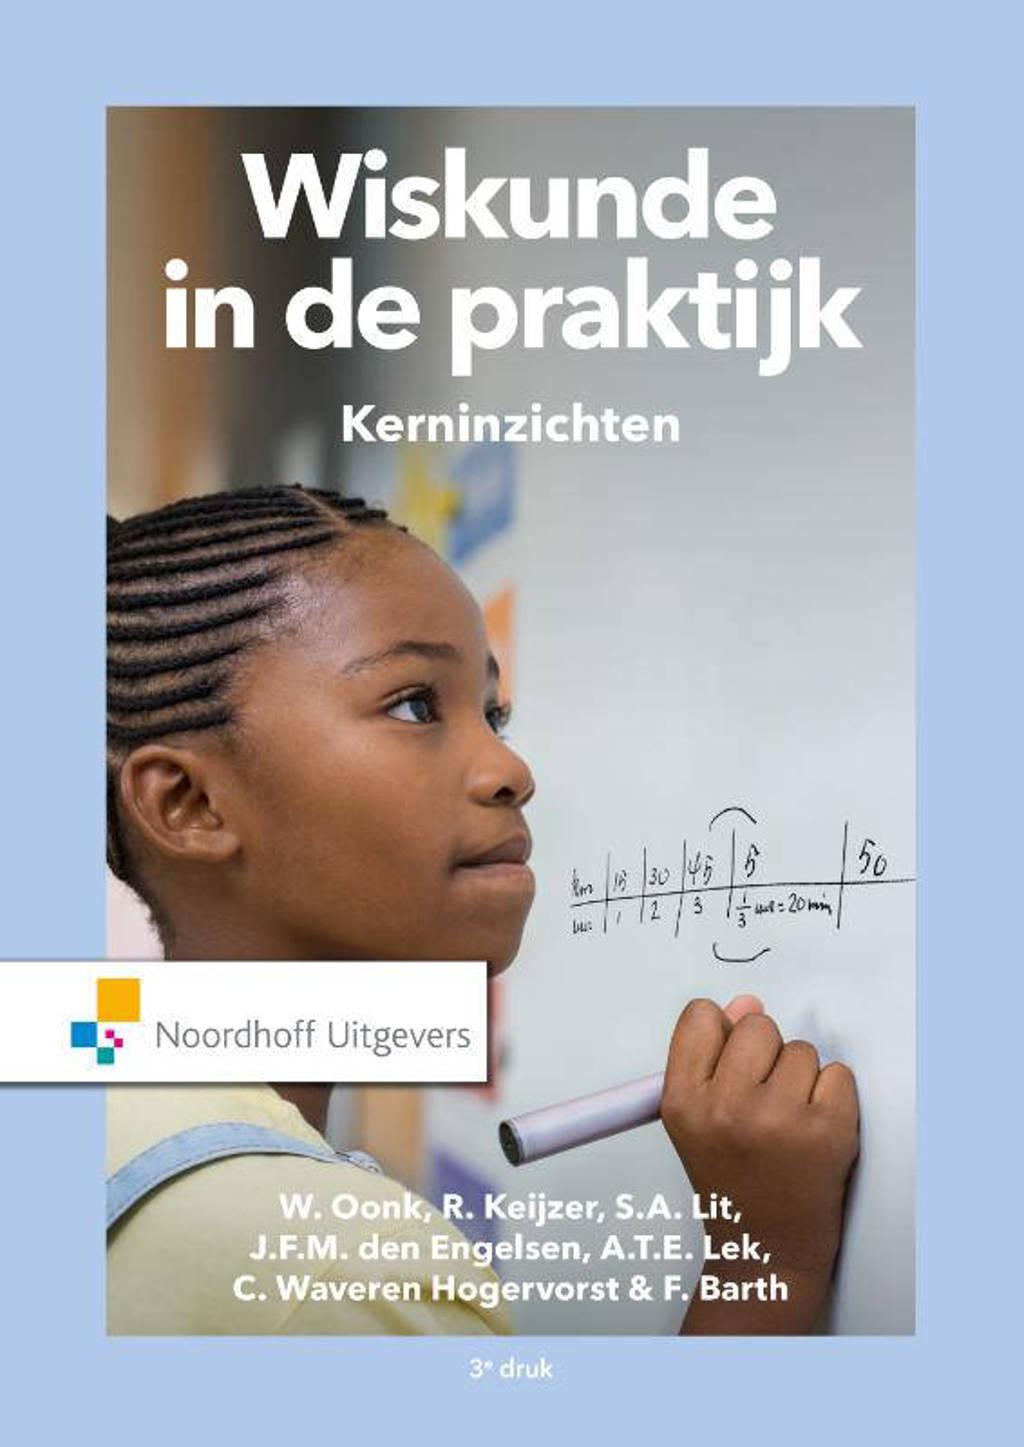 Wiskunde in de praktijk - Kerninzichten - W. Oonk, R. Keijzer, S.A. Lit, e.a.